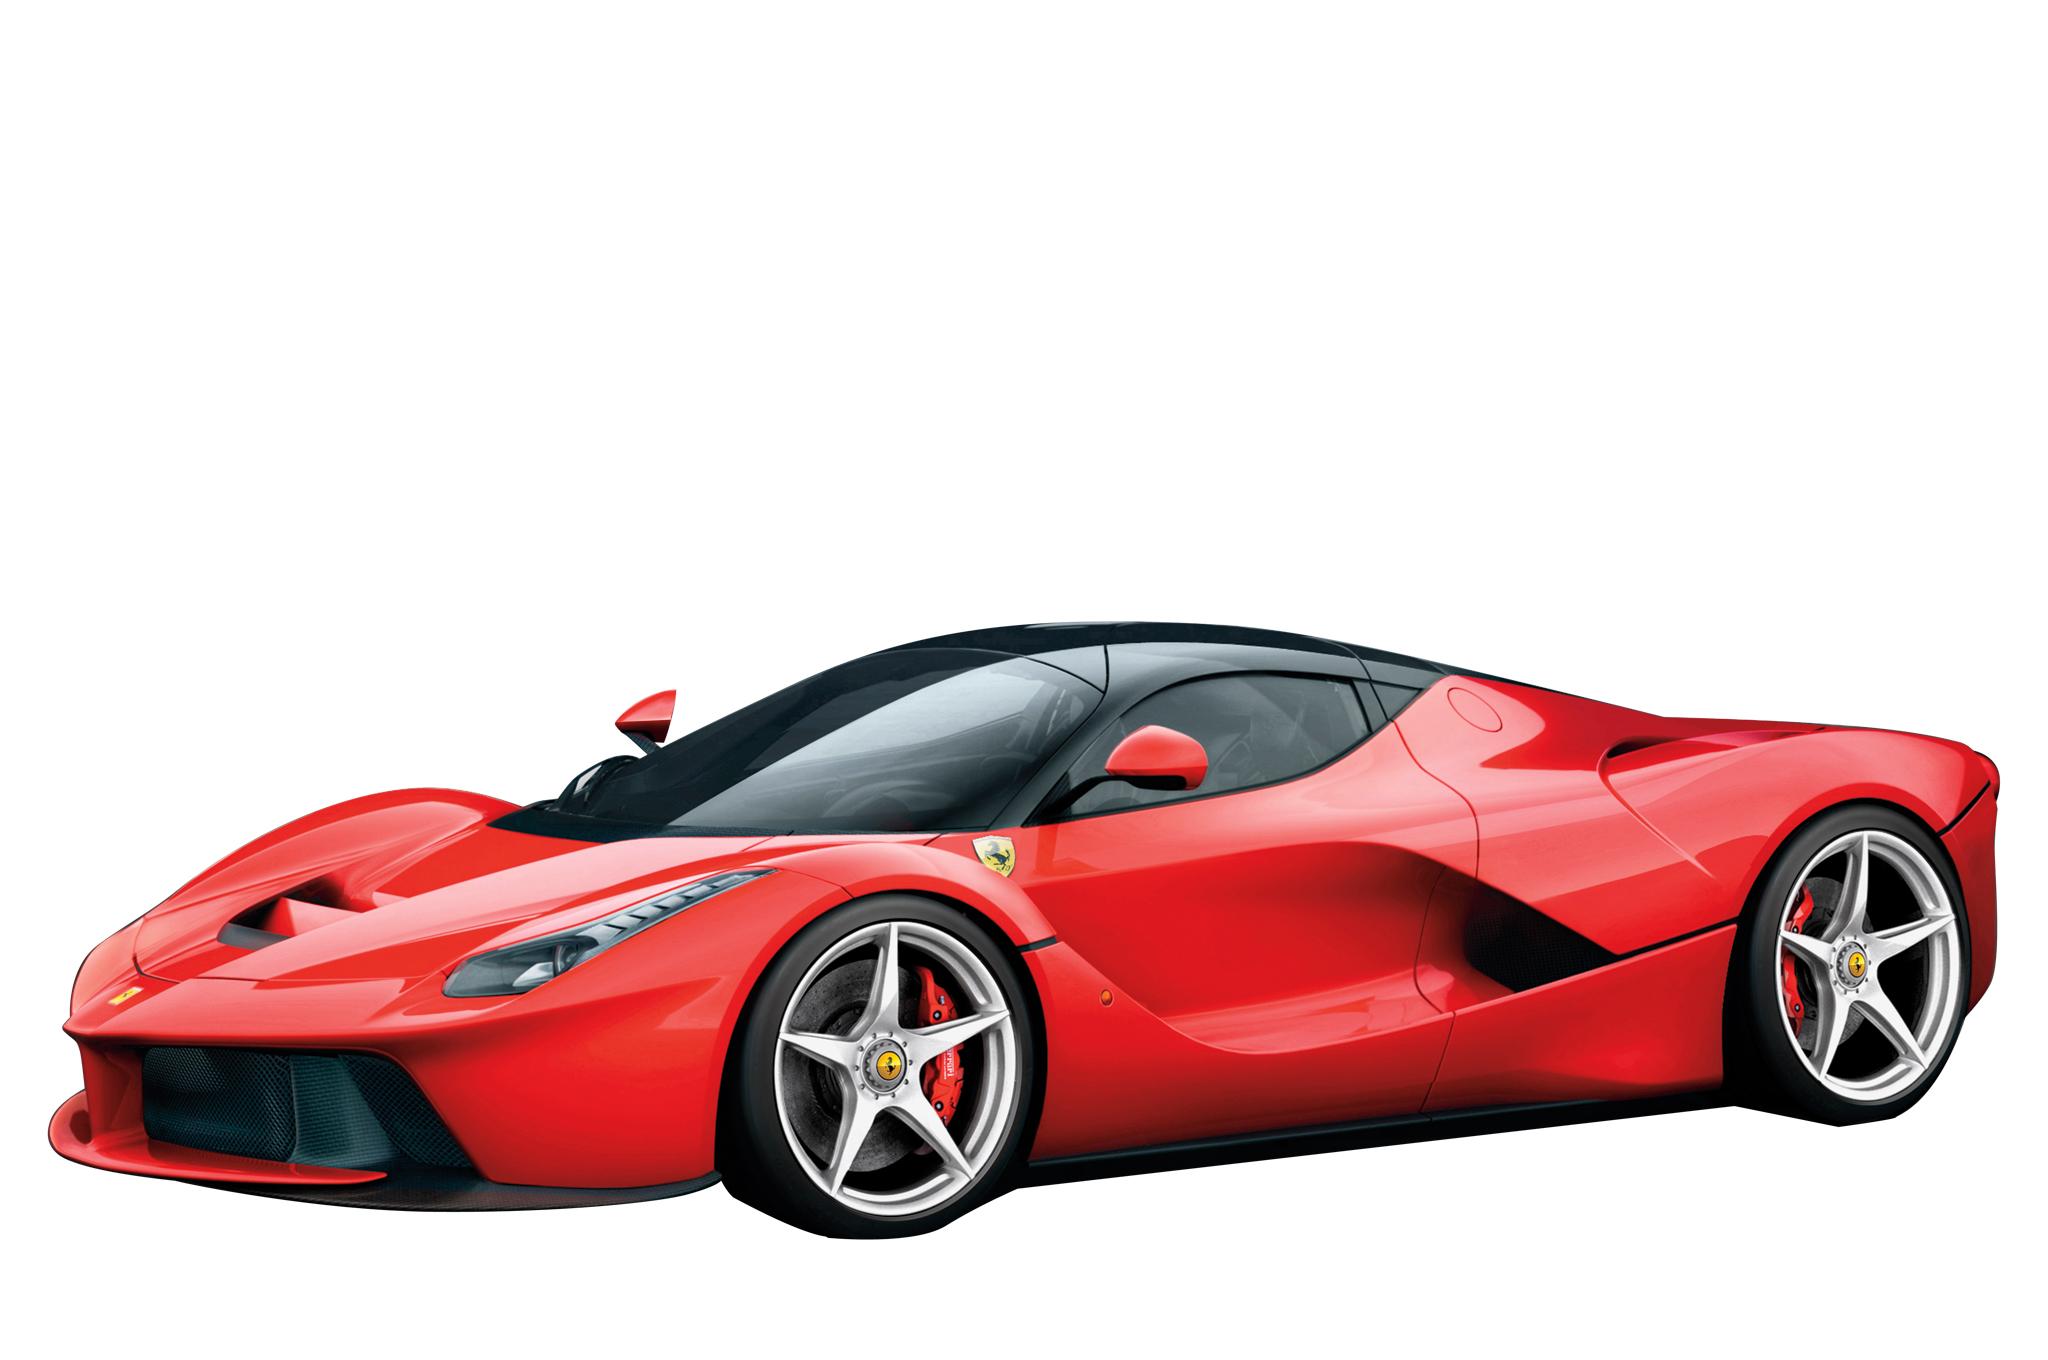 Ferrari LaFerrari Reviews: Research New & Used Models | Motor Trend